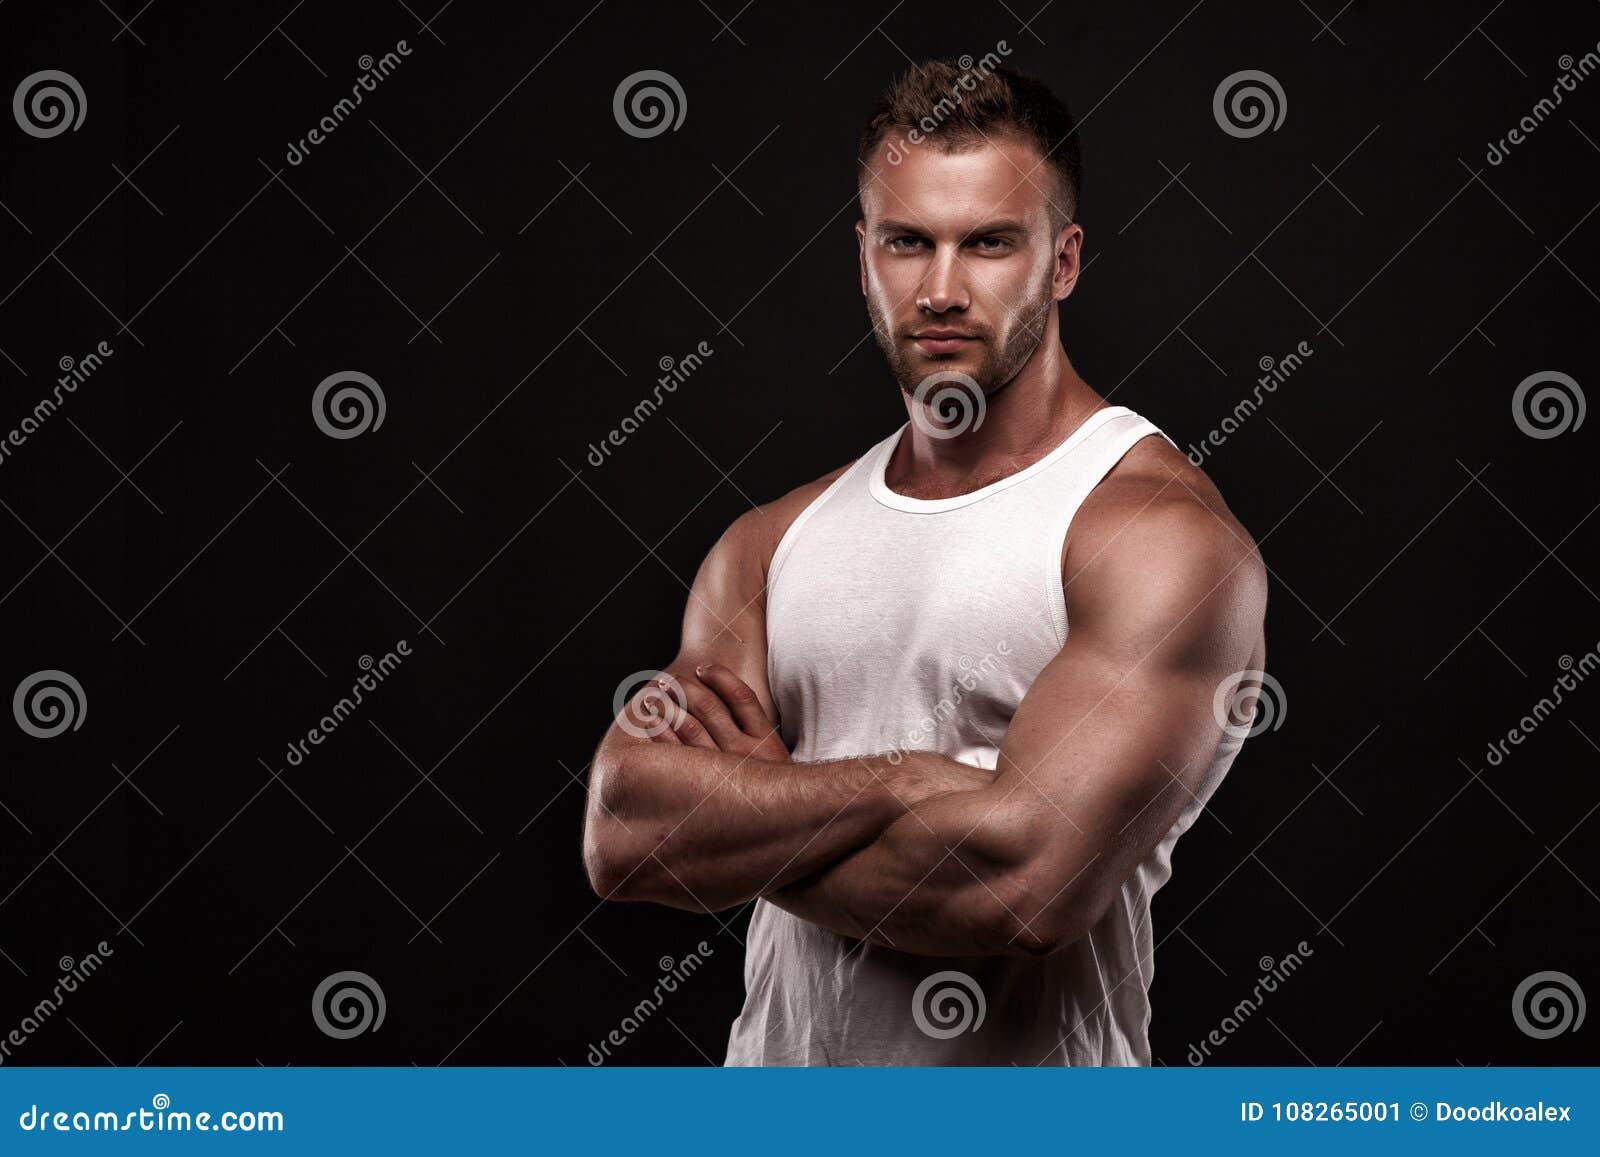 Portret van de atletische mens in wit onderhemd